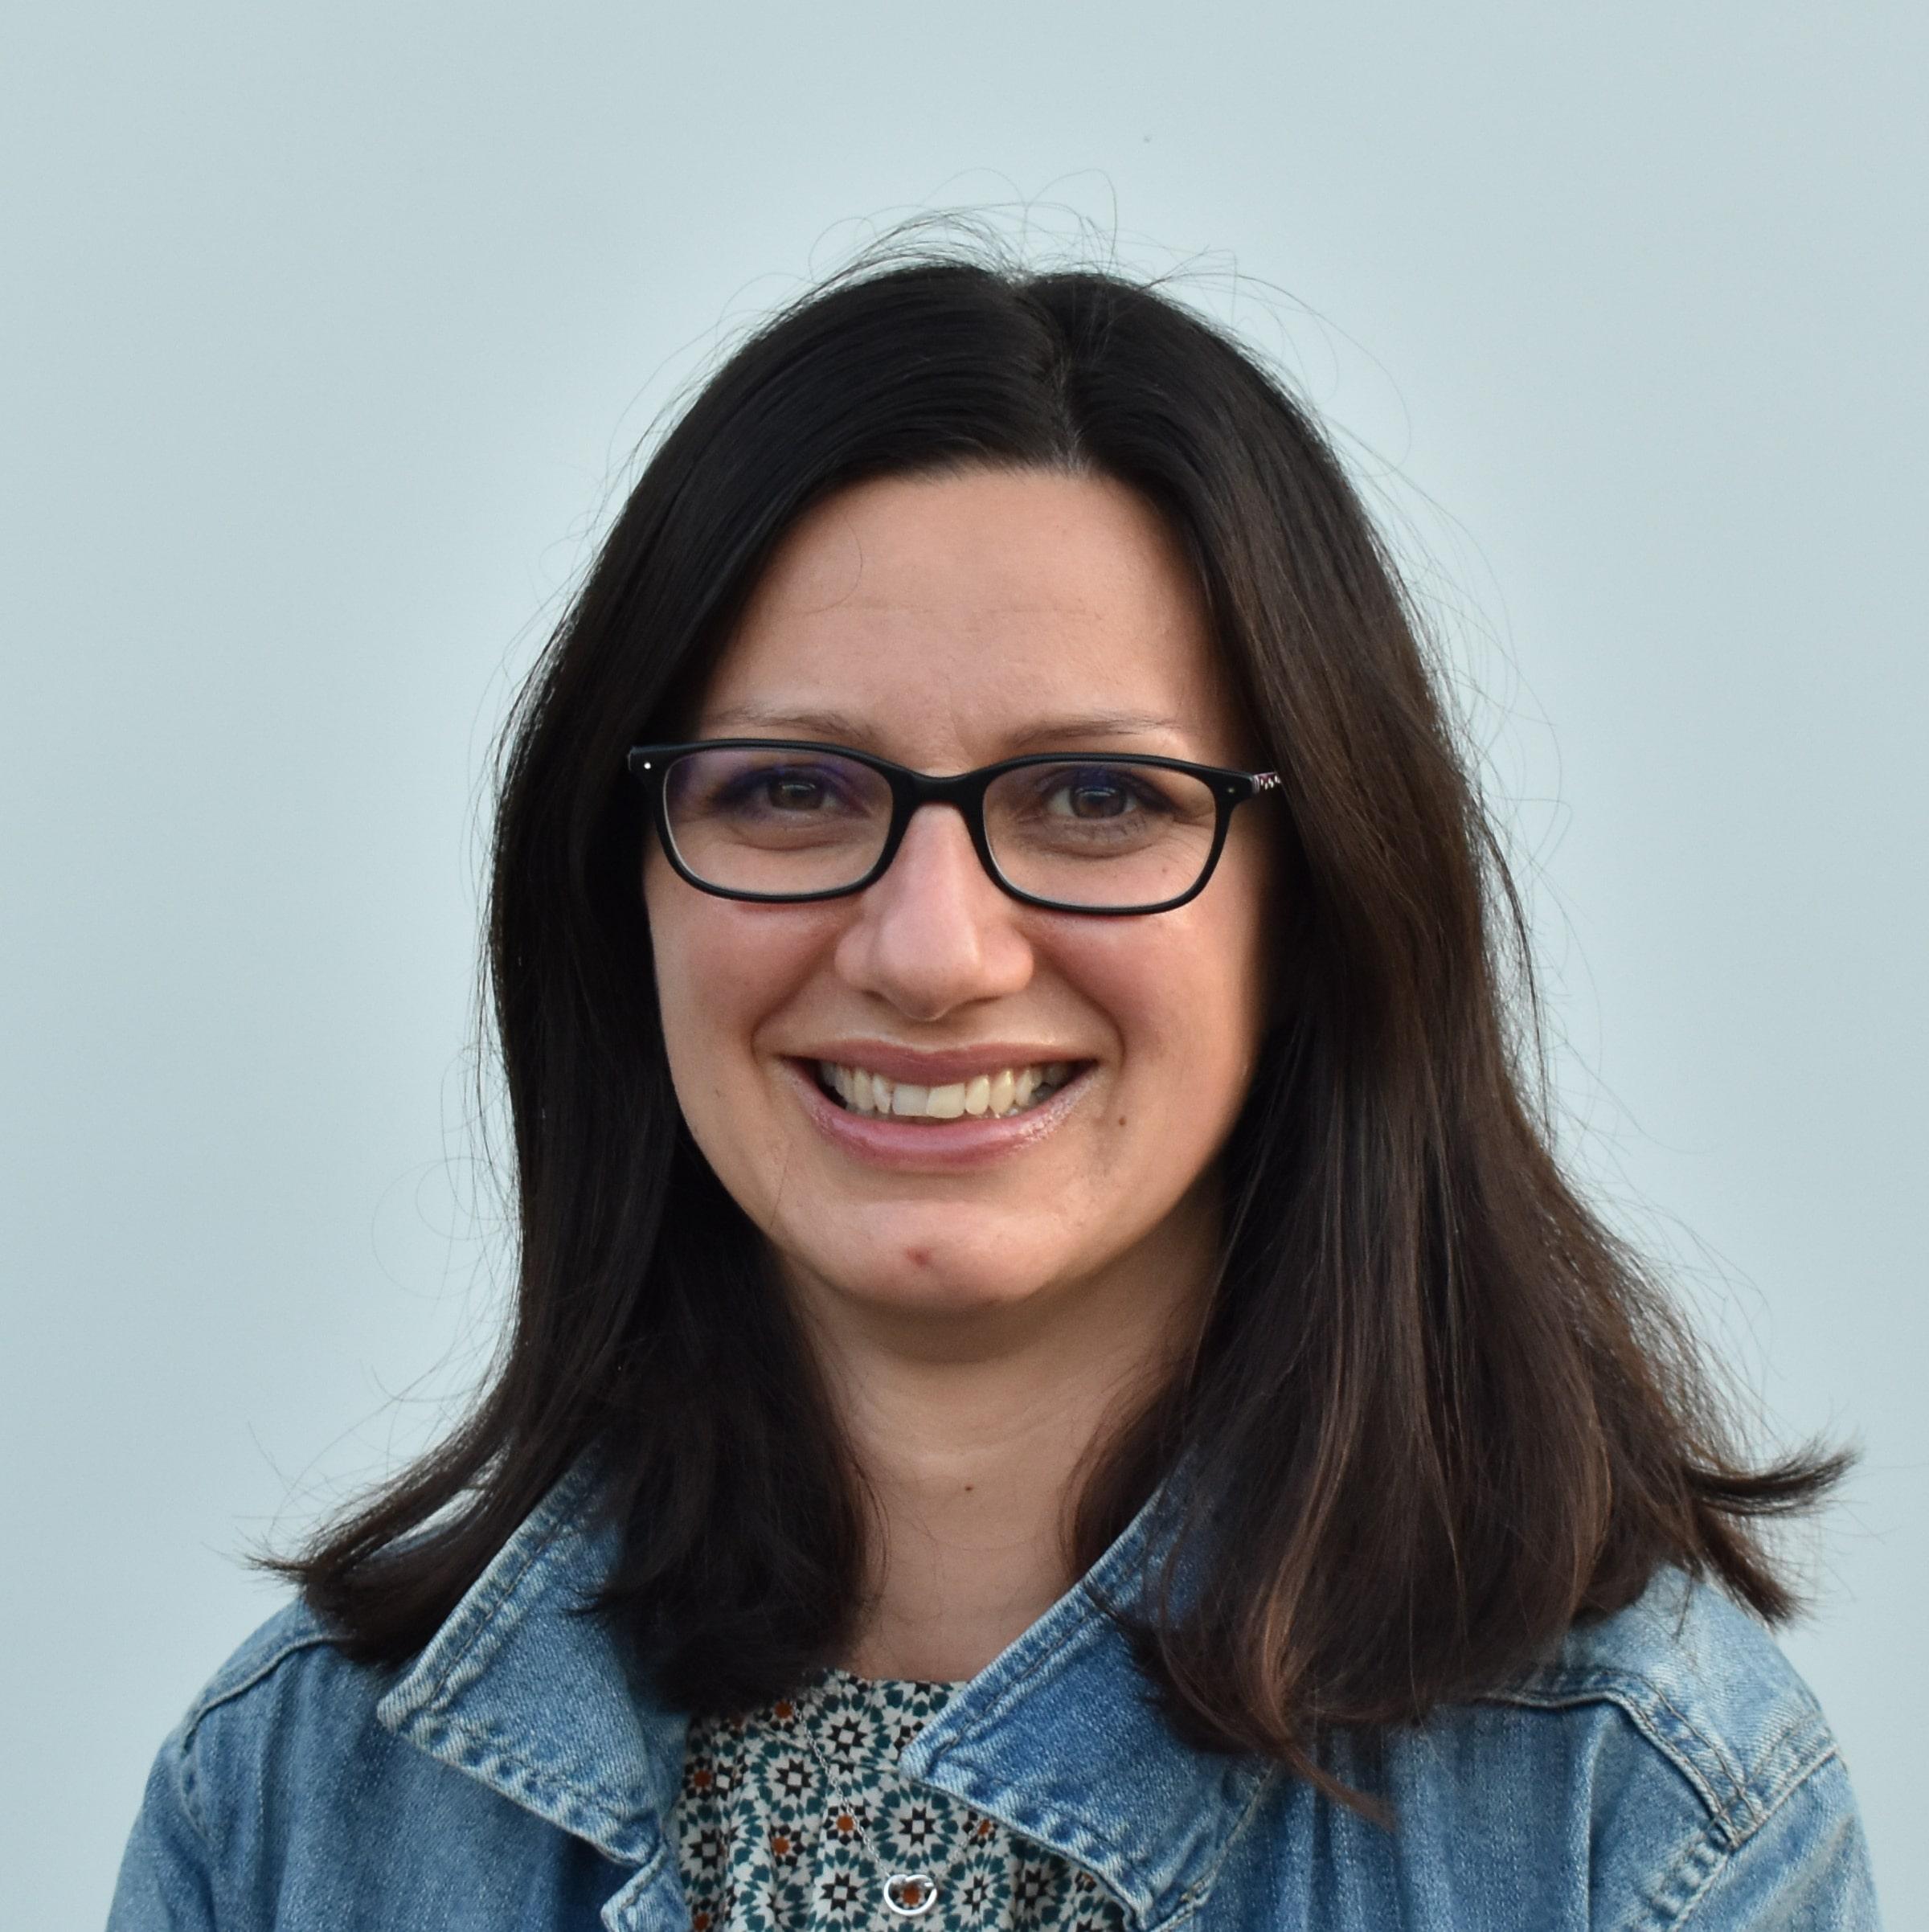 Claire Descelliers